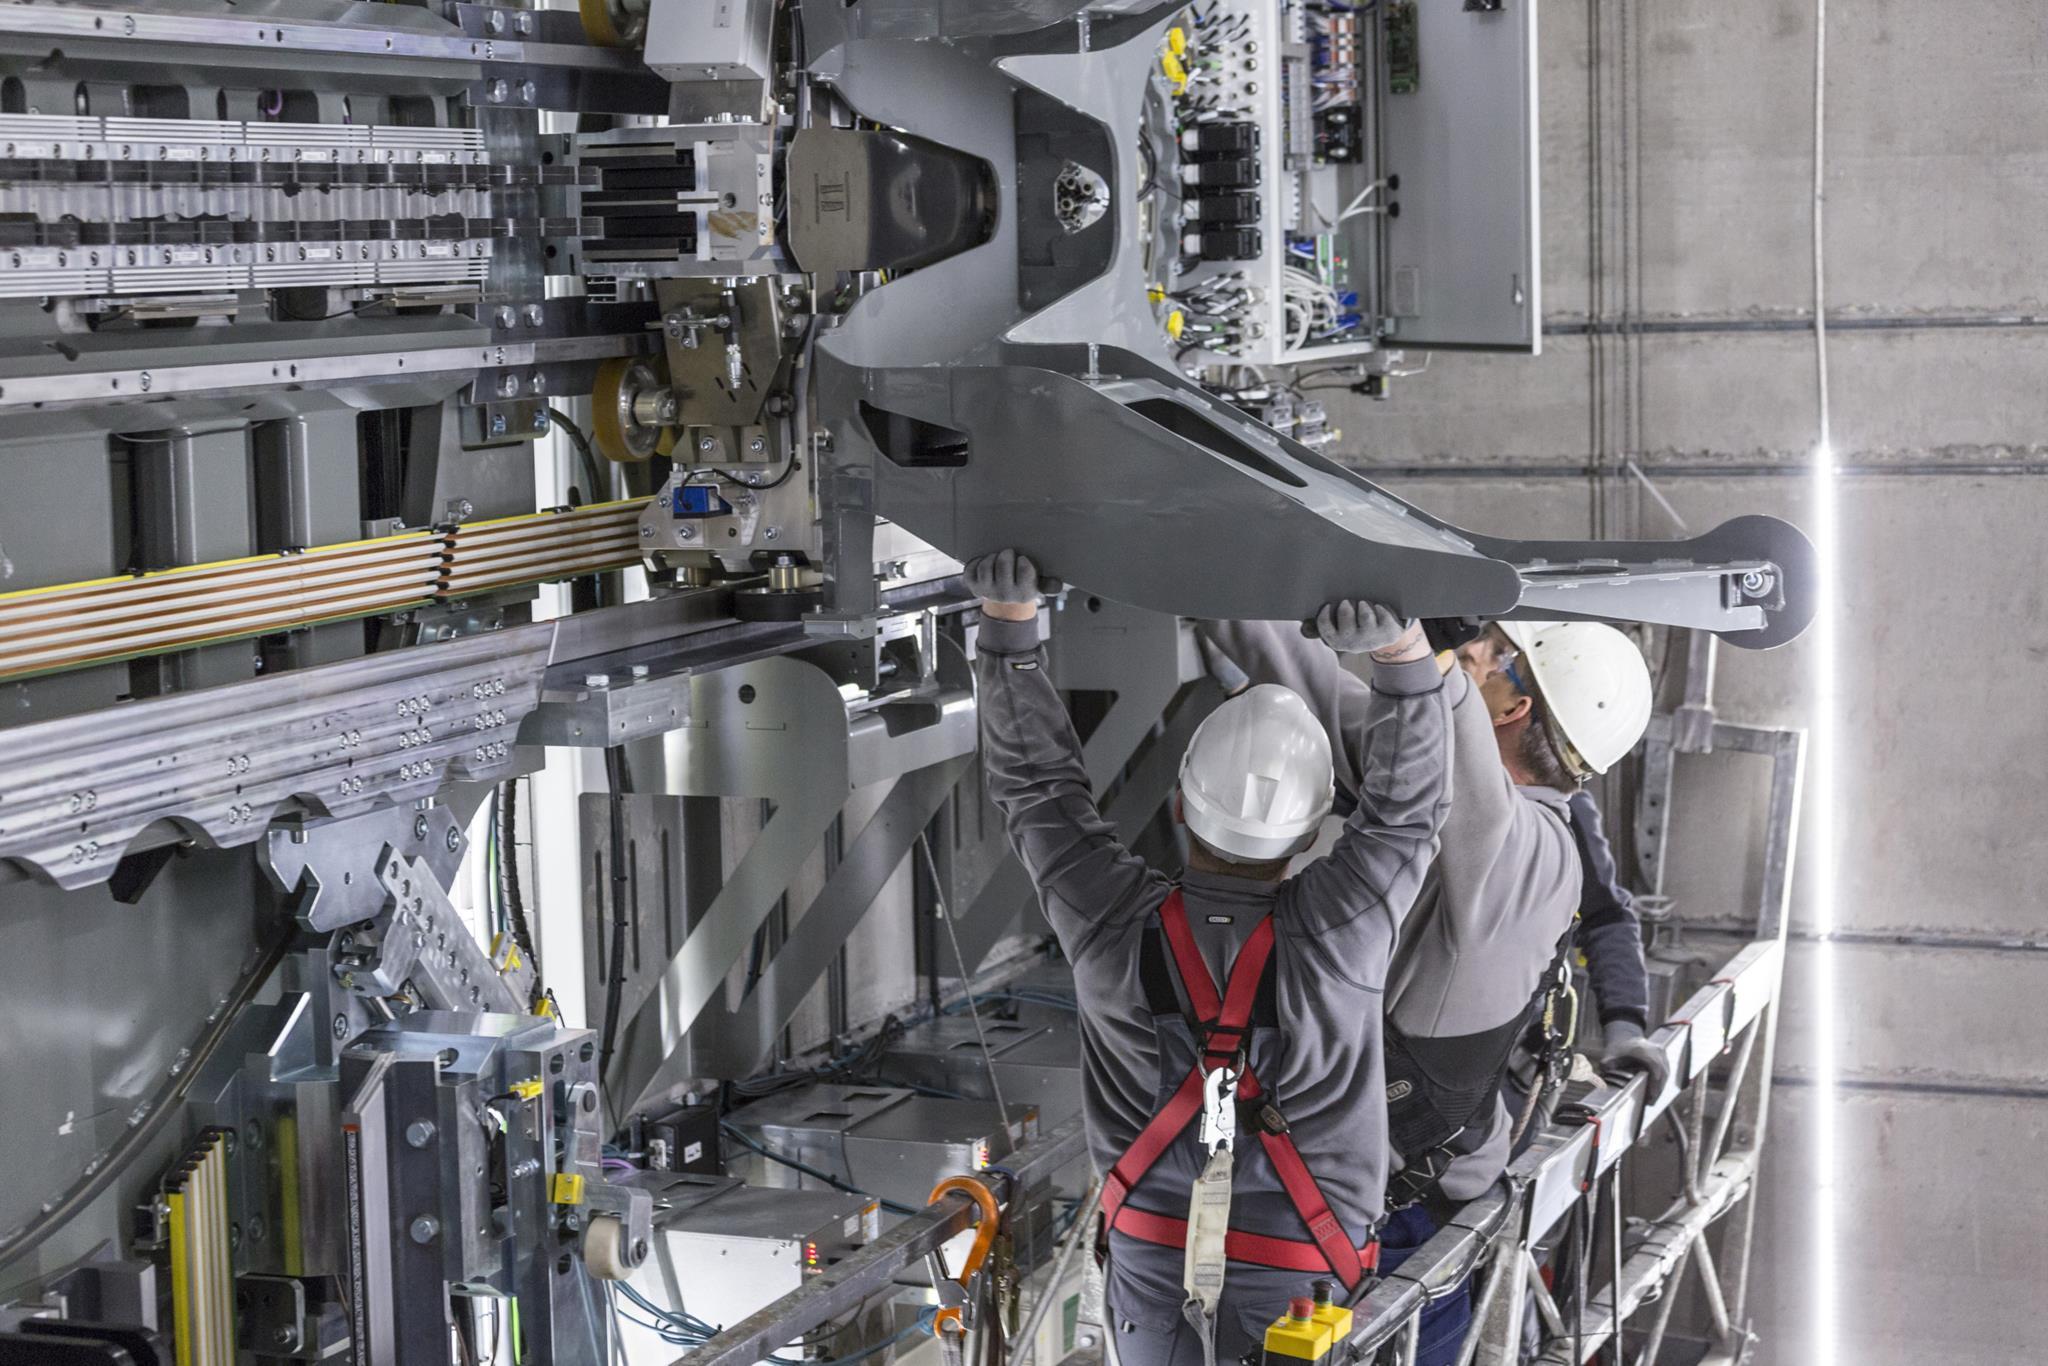 PÚBLICO - É um elevador que funciona como um comboio magnético na vertical